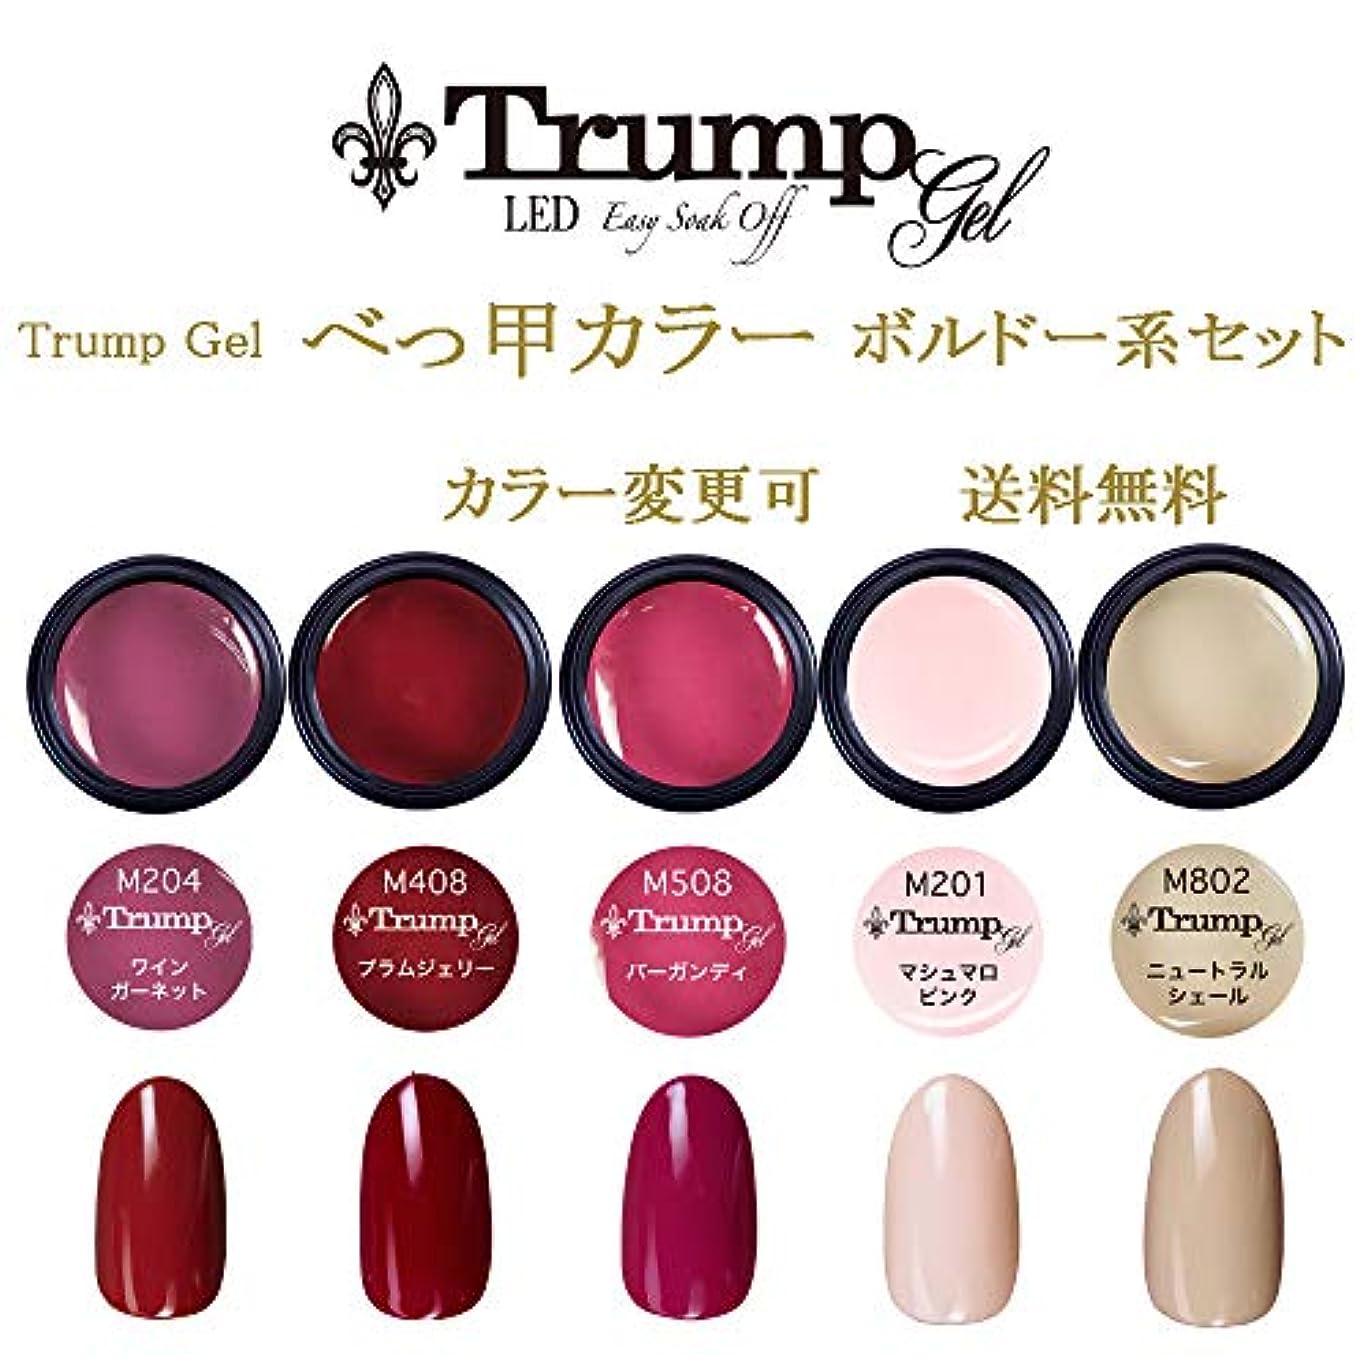 値するエンドテーブル不平を言う【送料無料】日本製 Trump gel トランプジェル べっ甲カラー ボルドー系 選べる カラージェル 5個セット べっ甲ネイル ボルドー ブラウン ホワイト ラメ カラー